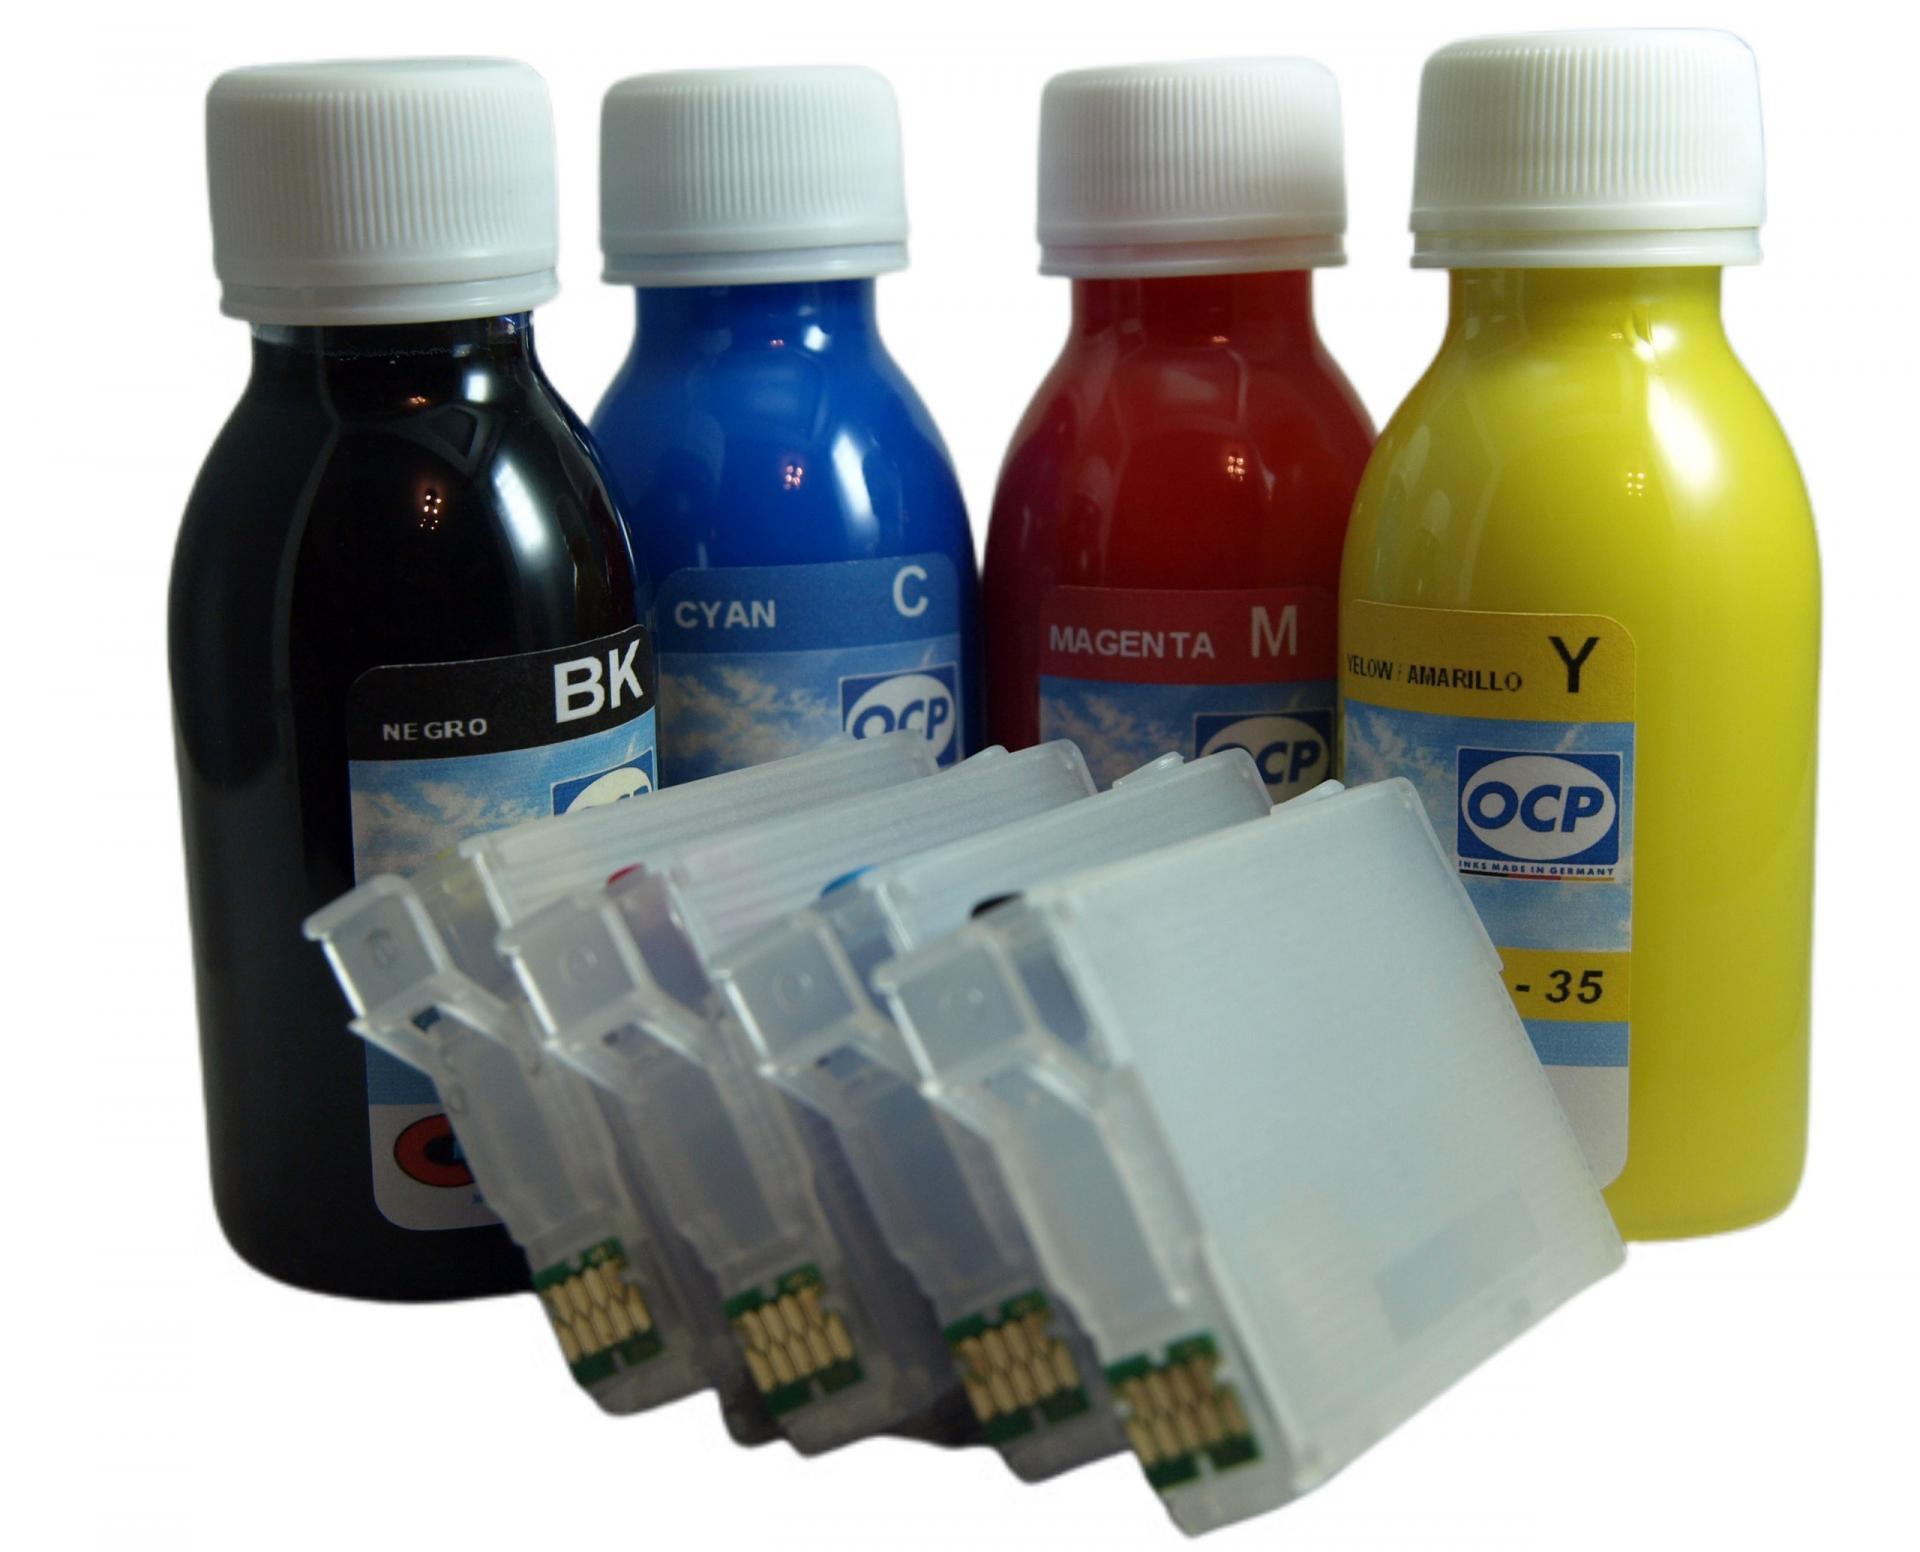 603XL / Kit de Recarga con tinta OCP + Cartuchos RECARGABLES con CHIP ARC compatible con serie 603XL (No original epson)